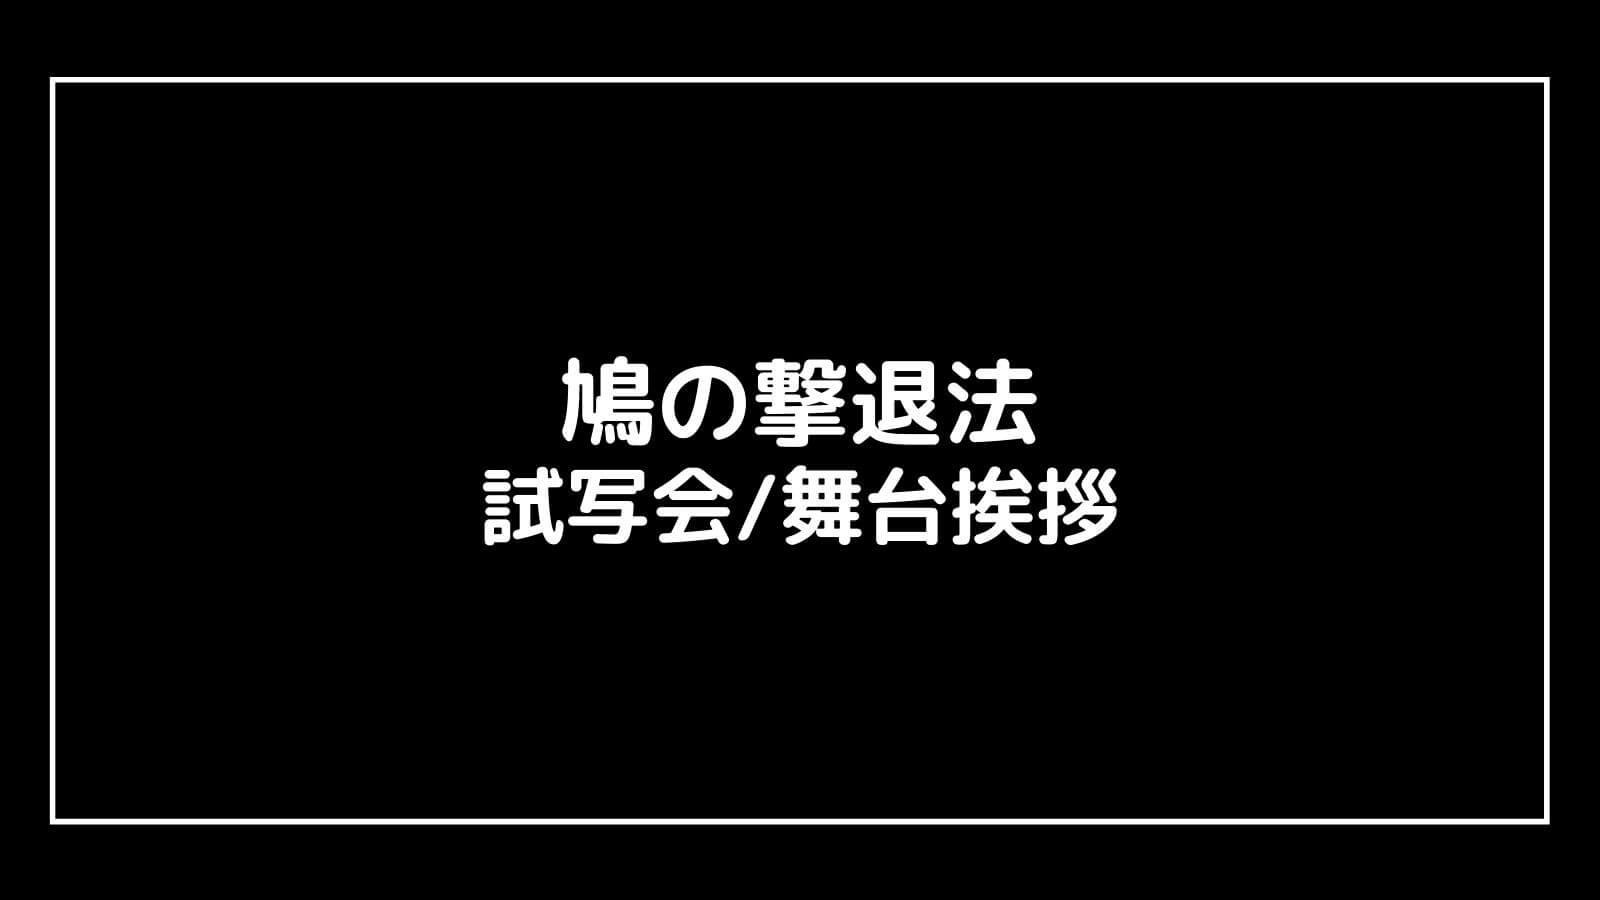 映画『鳩の撃退法』の試写会と舞台挨拶ライブビューイング情報